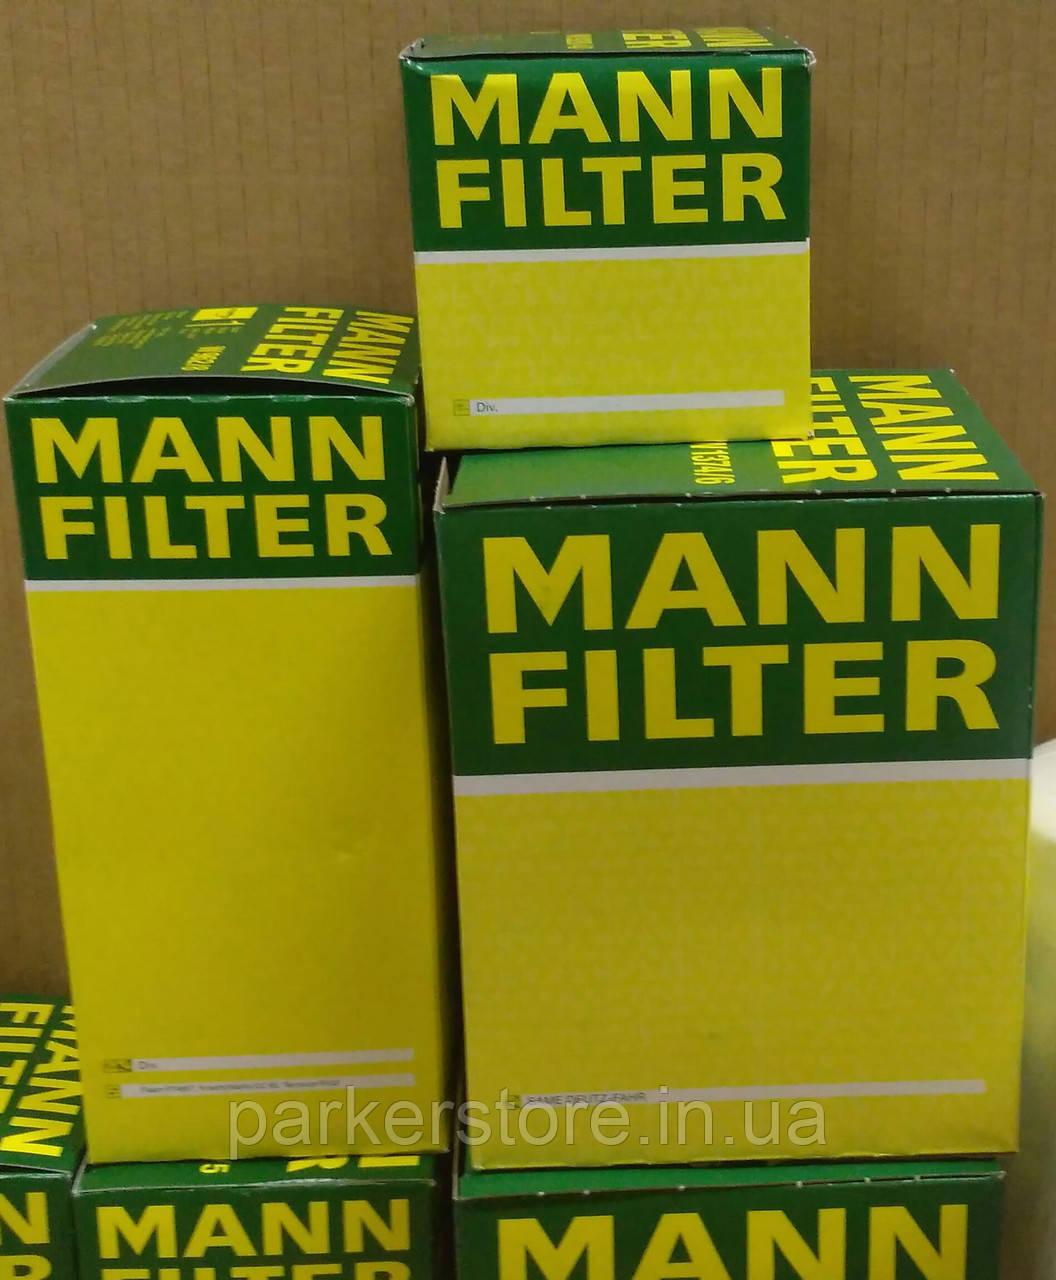 MANN FILTER / Повітряний фільтр / C 15 143/1 / C15143/1